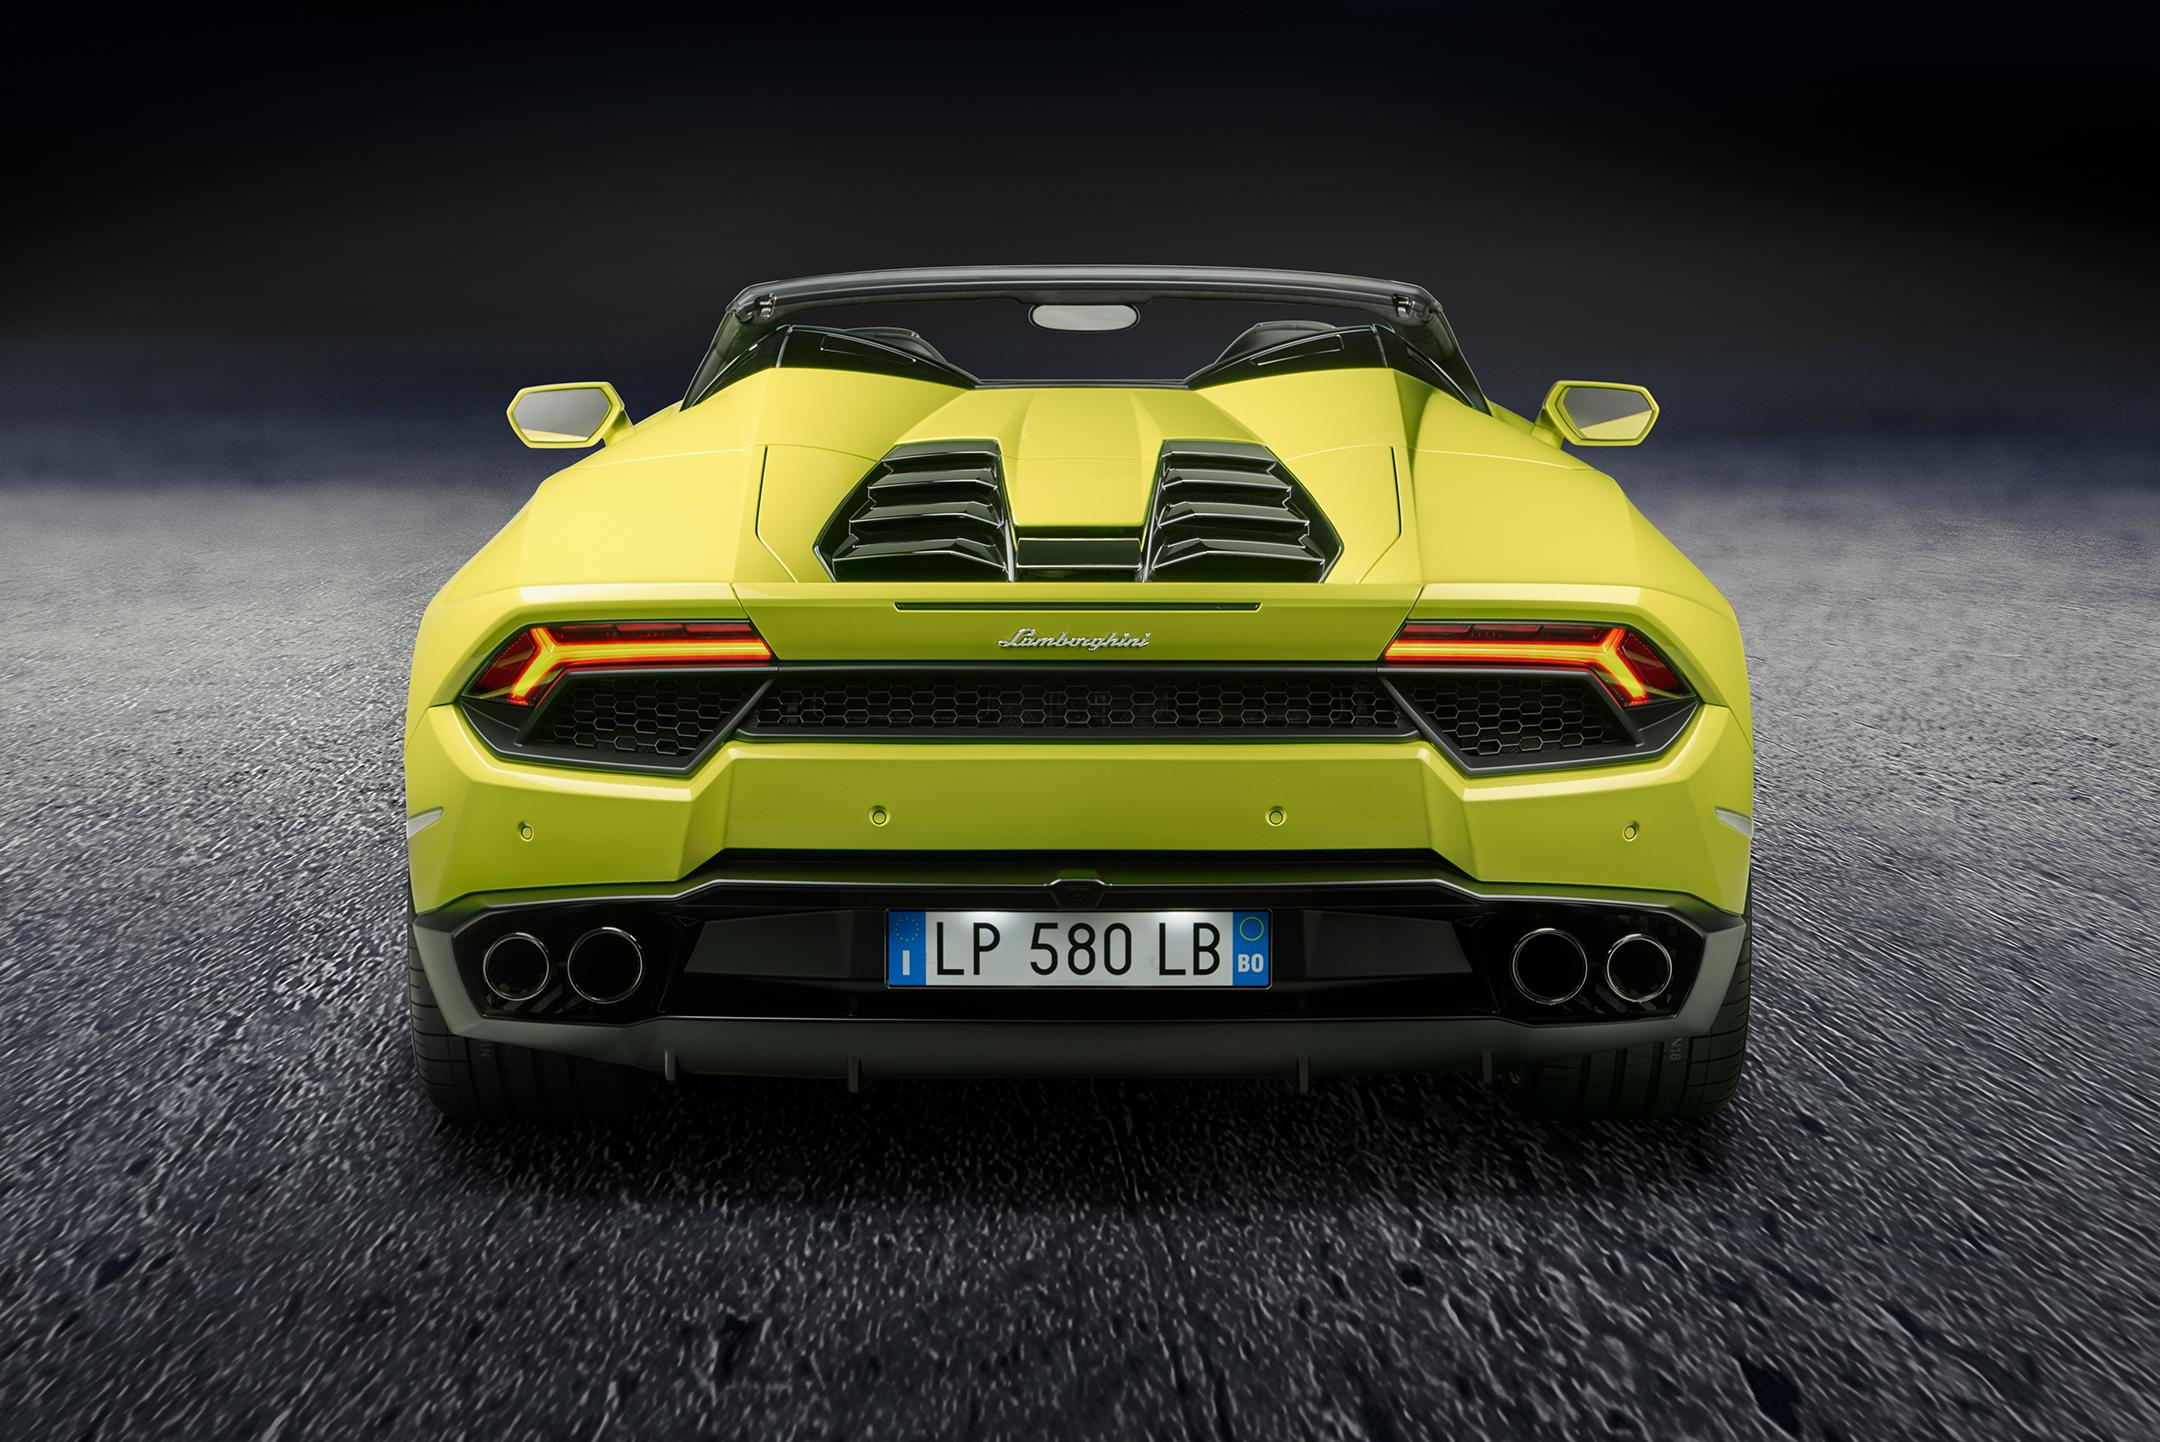 Lamborghini Huracán LP580-2 Spyder - arrière / rear